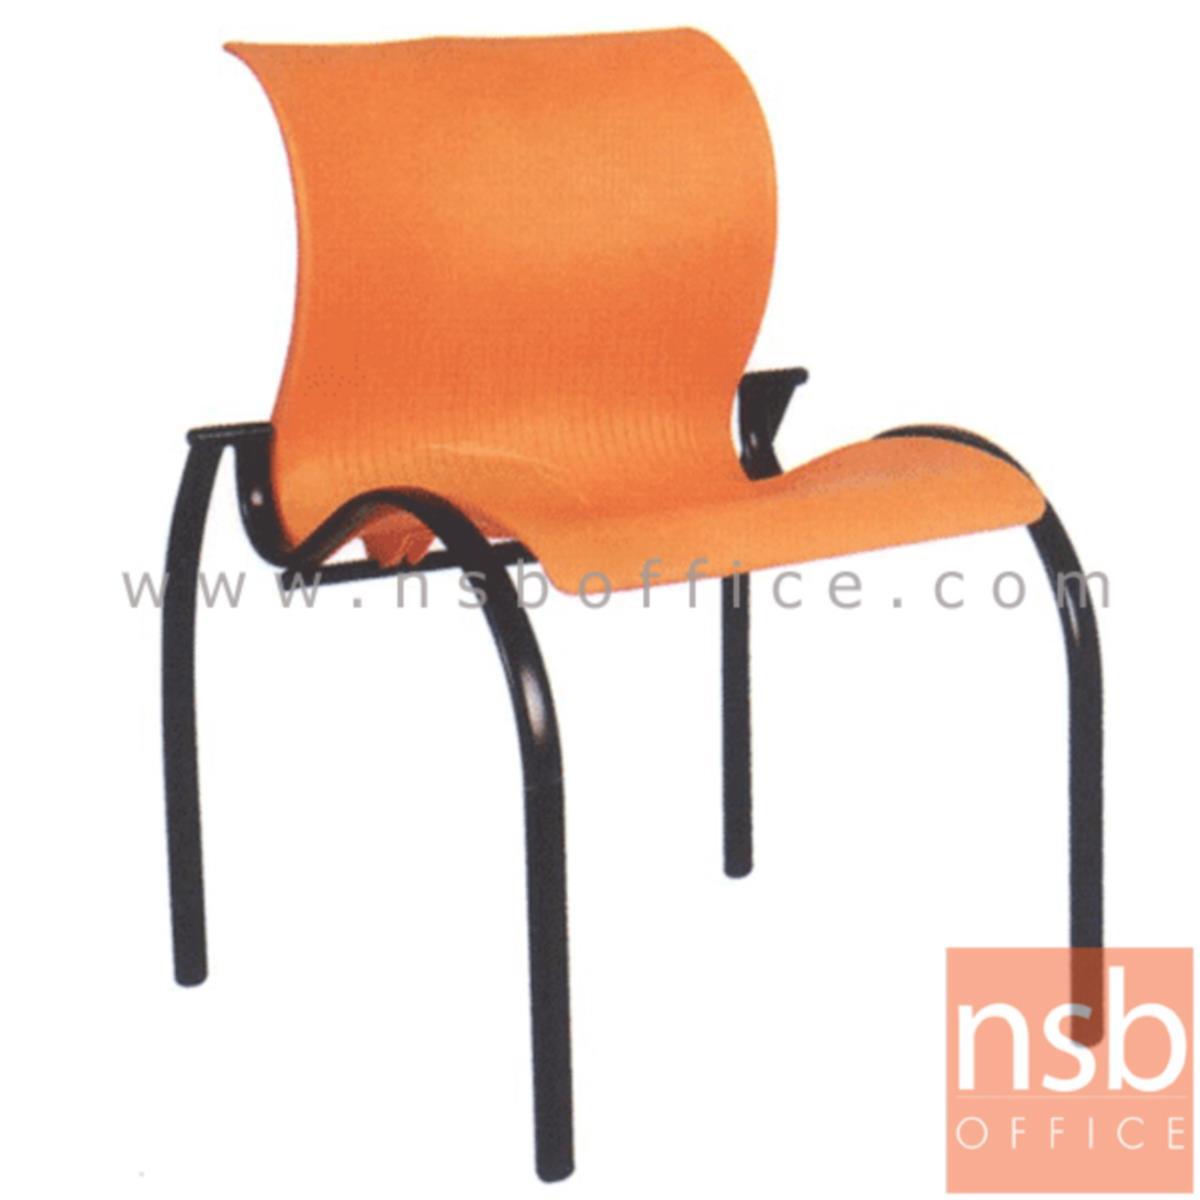 เก้าอี้อเนกประสงค์เฟรมโพลี่ รุ่น A4-501 ขาเหล็ก